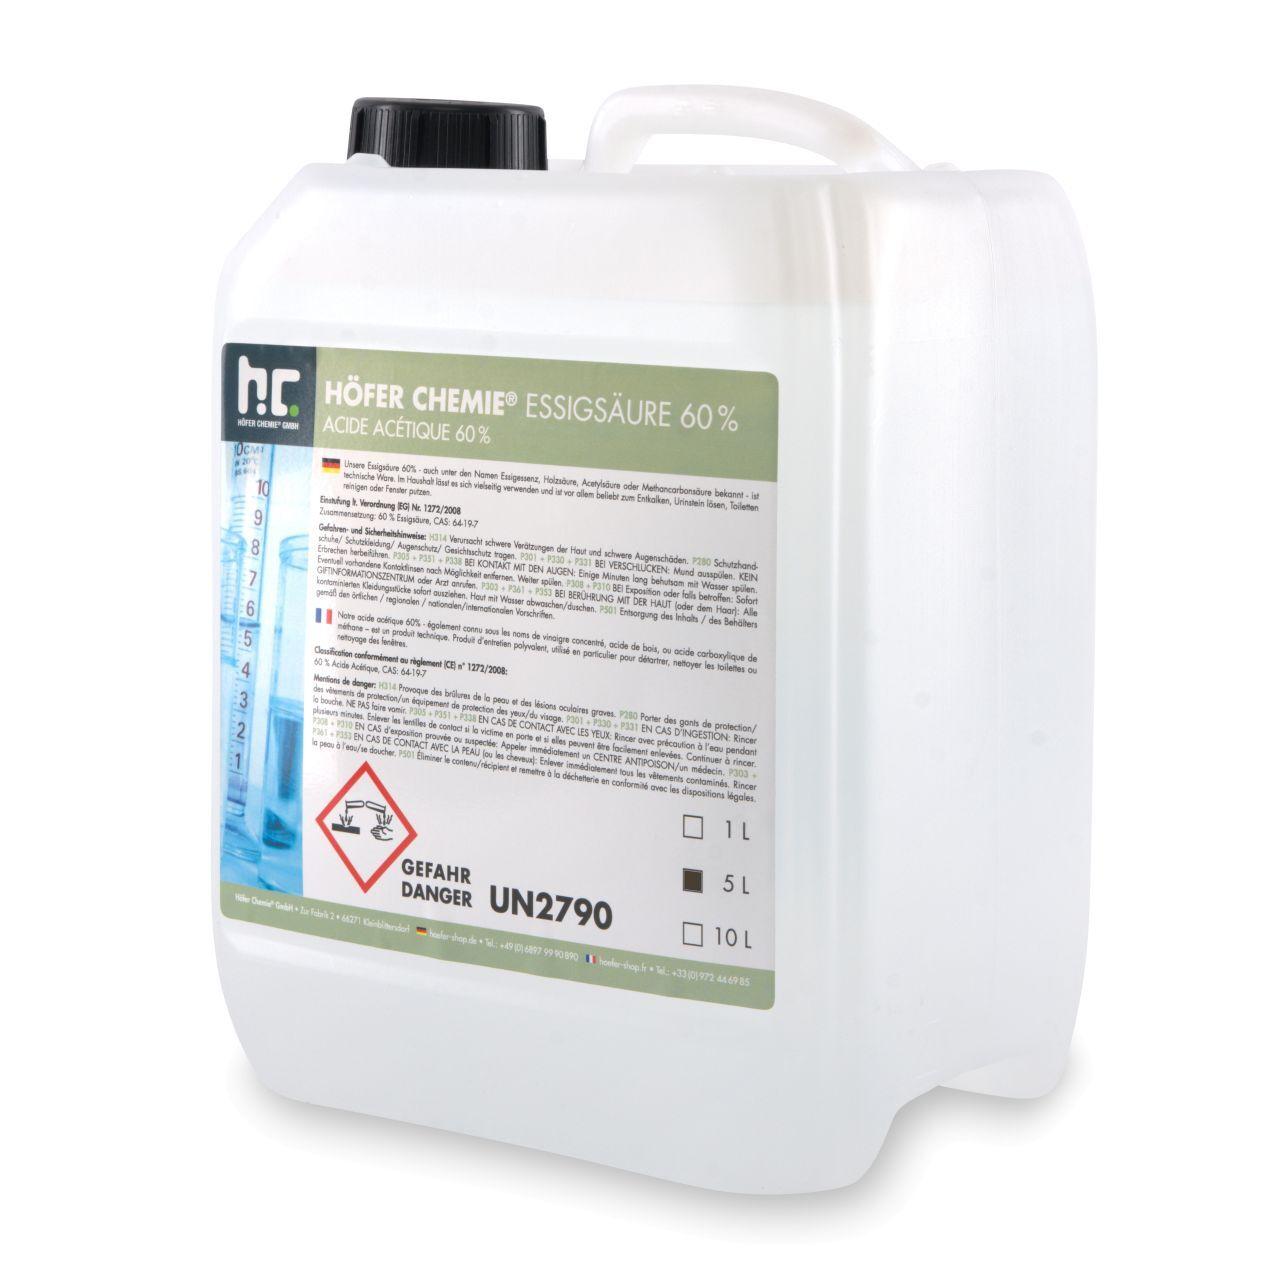 Höfer Chemie 5 l Acide Acétique 60% (1 x 5 l)